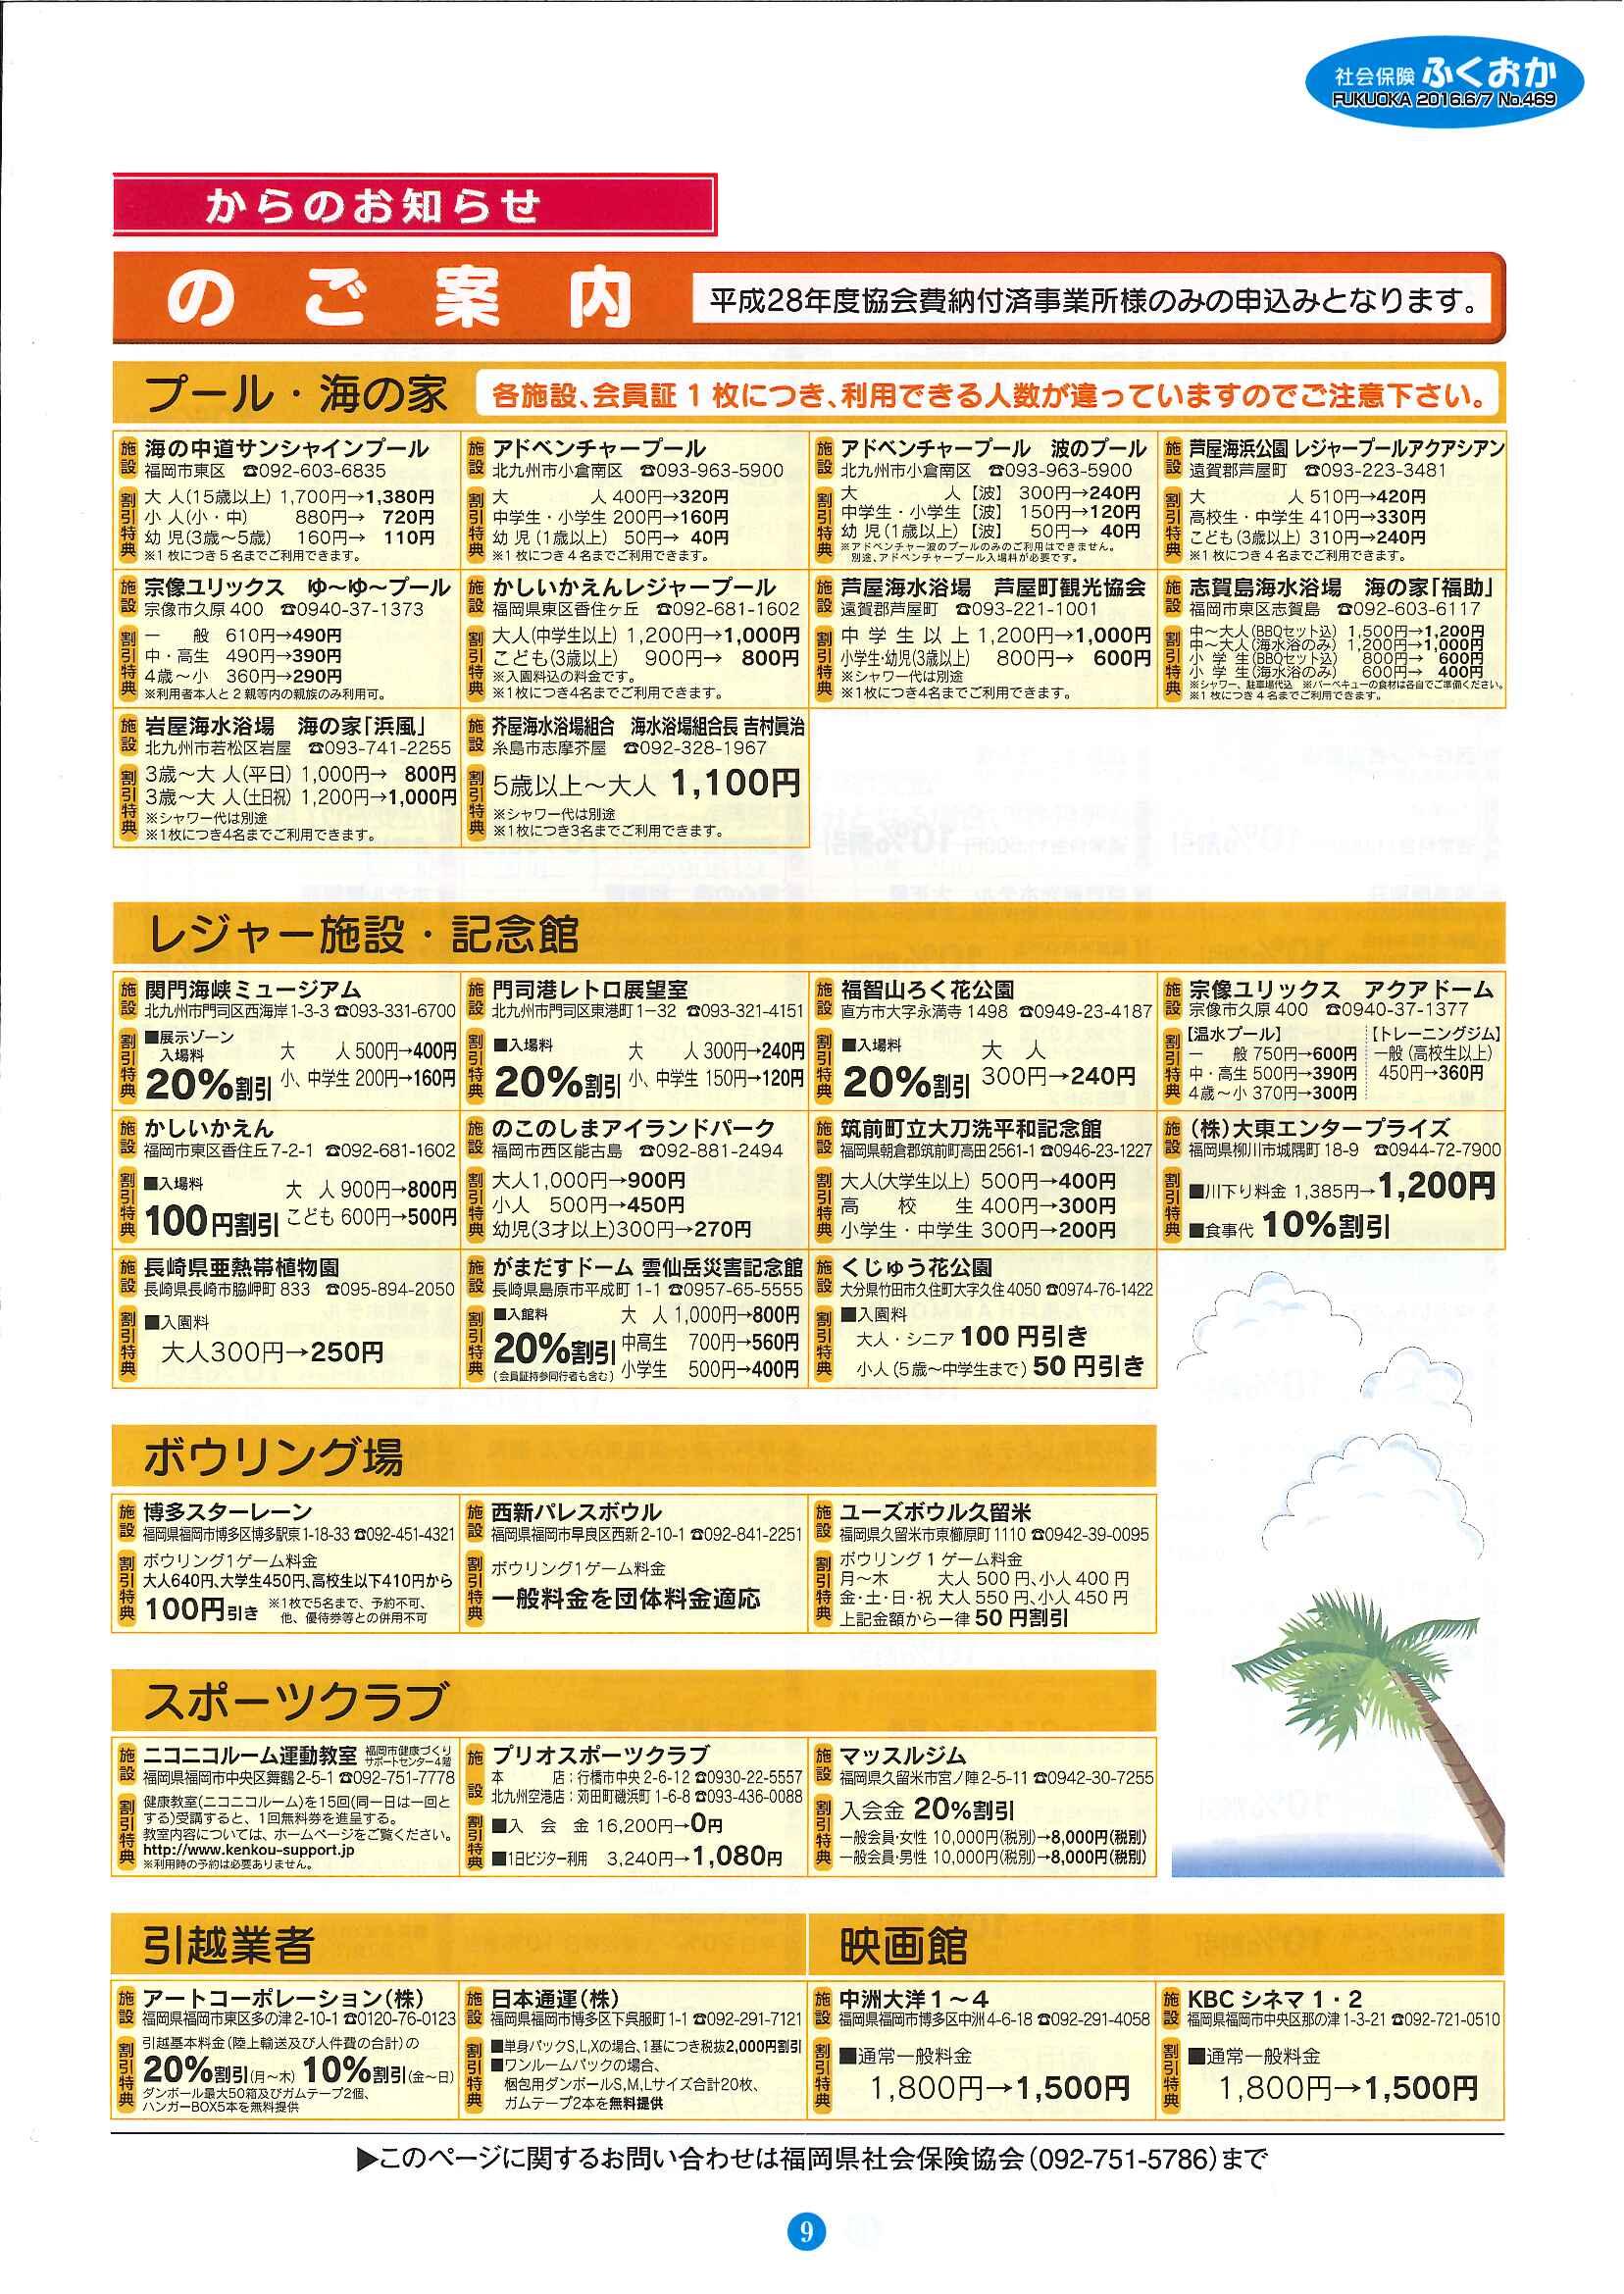 社会保険 ふくおか 2016年6・7月号_f0120774_15392852.jpg